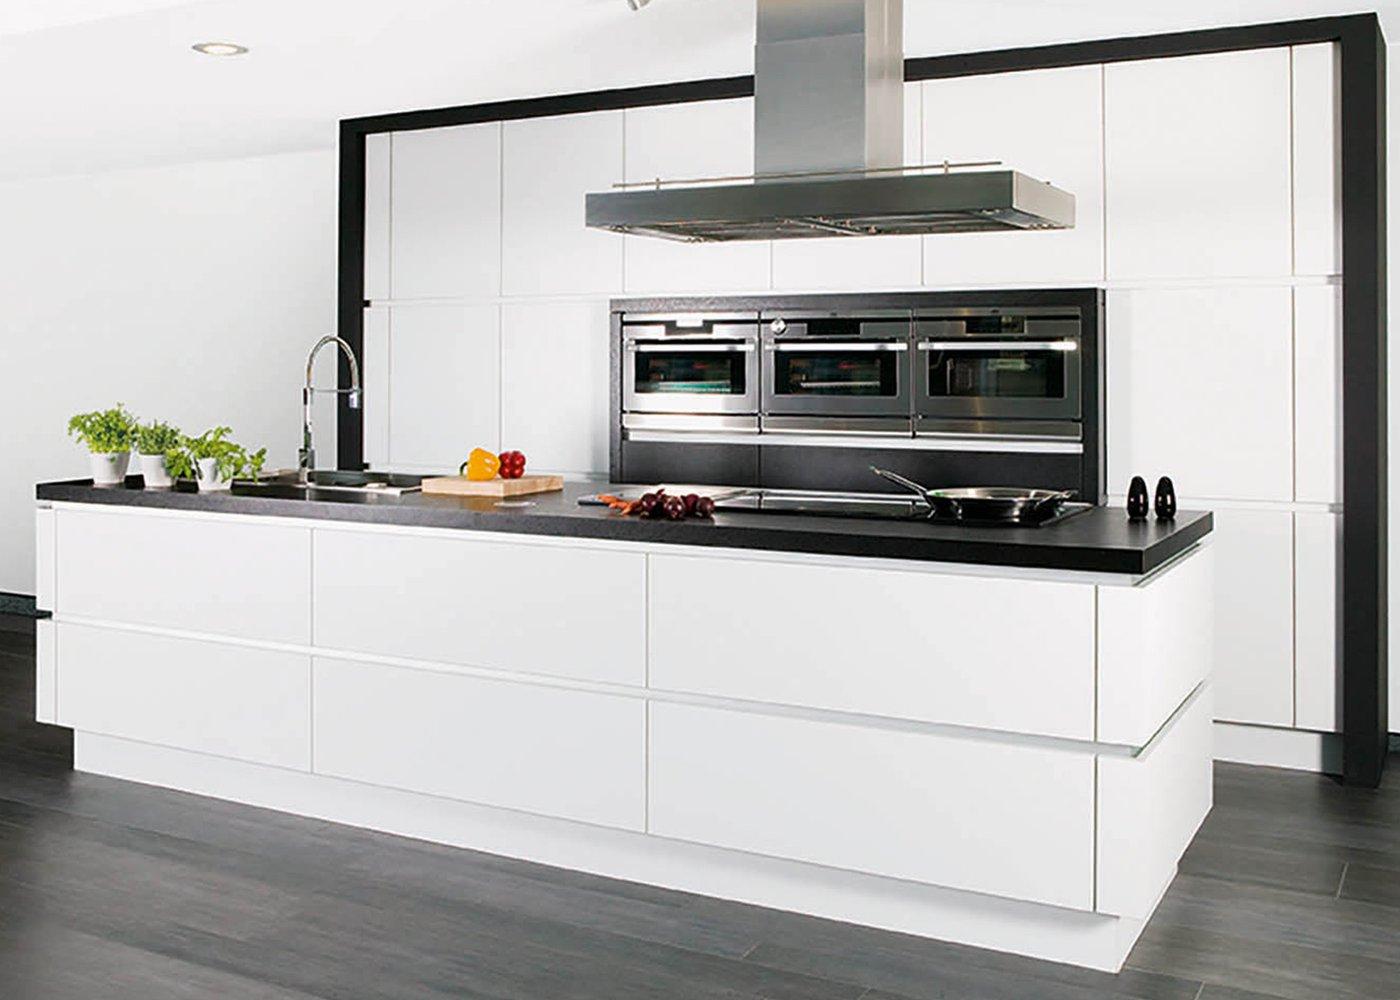 Trendy keuken in laminaat - Model Design